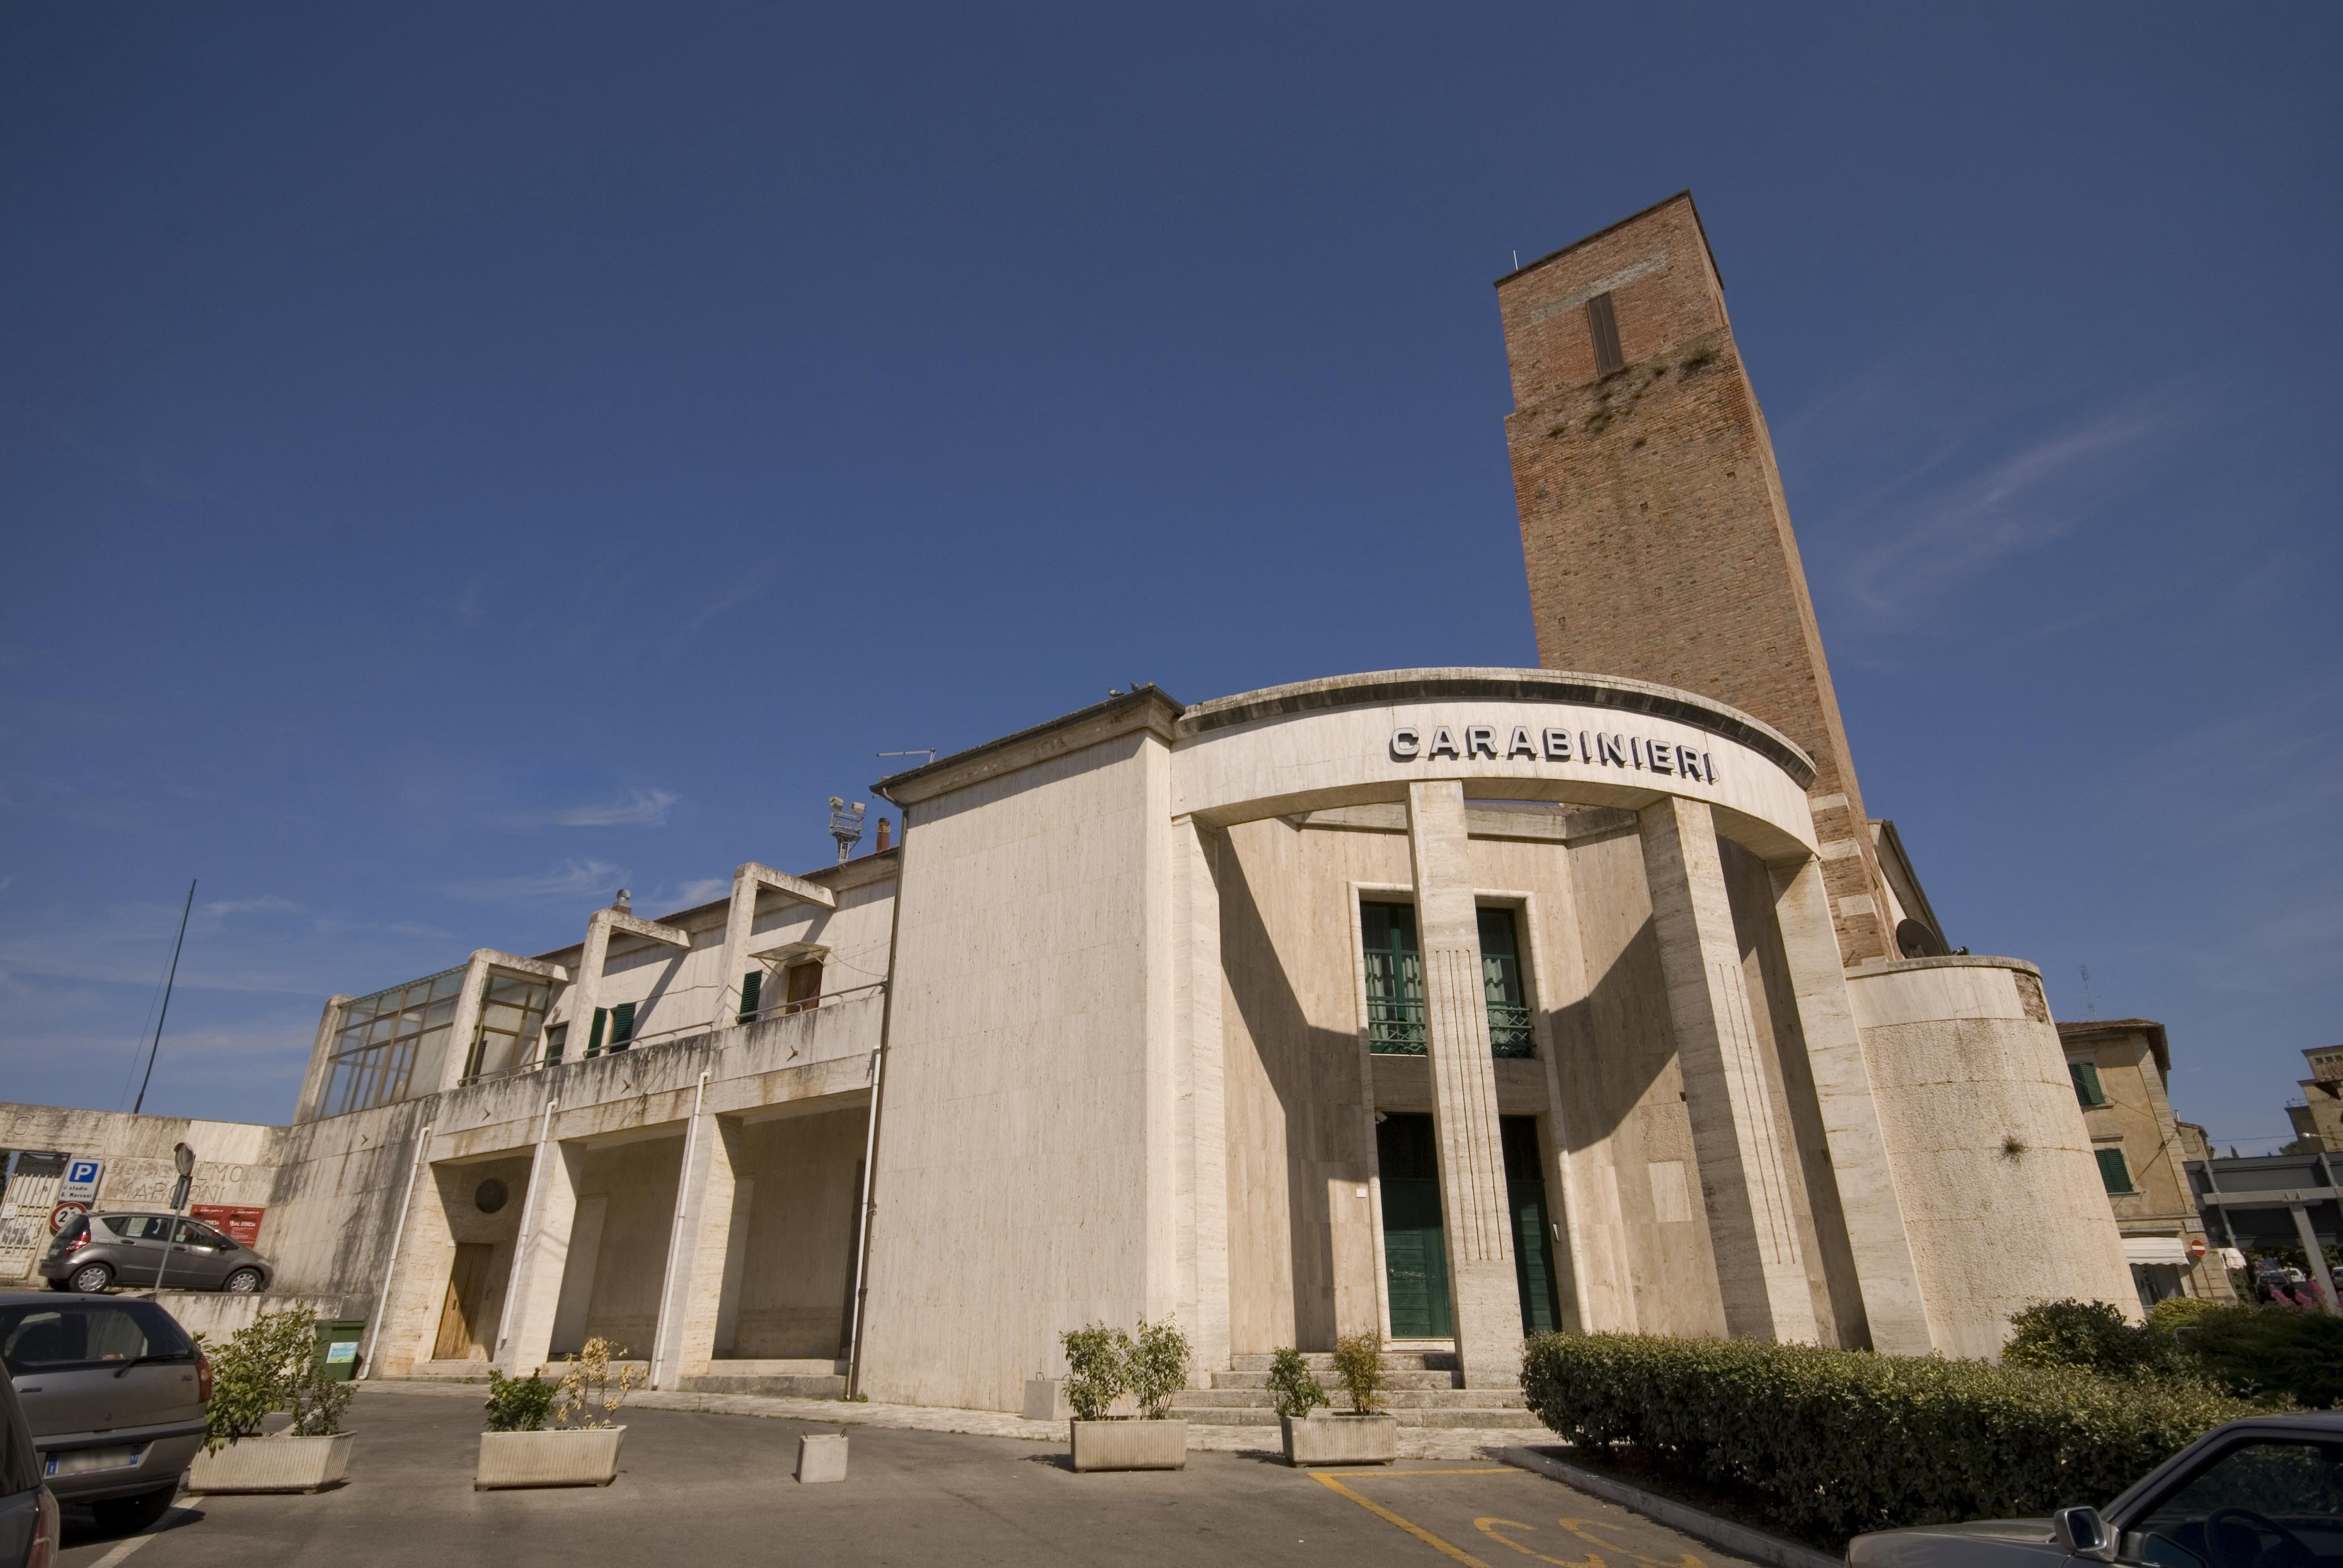 Ii rassegna fotografica razionalismo architettonico for Architettura fascista in italia